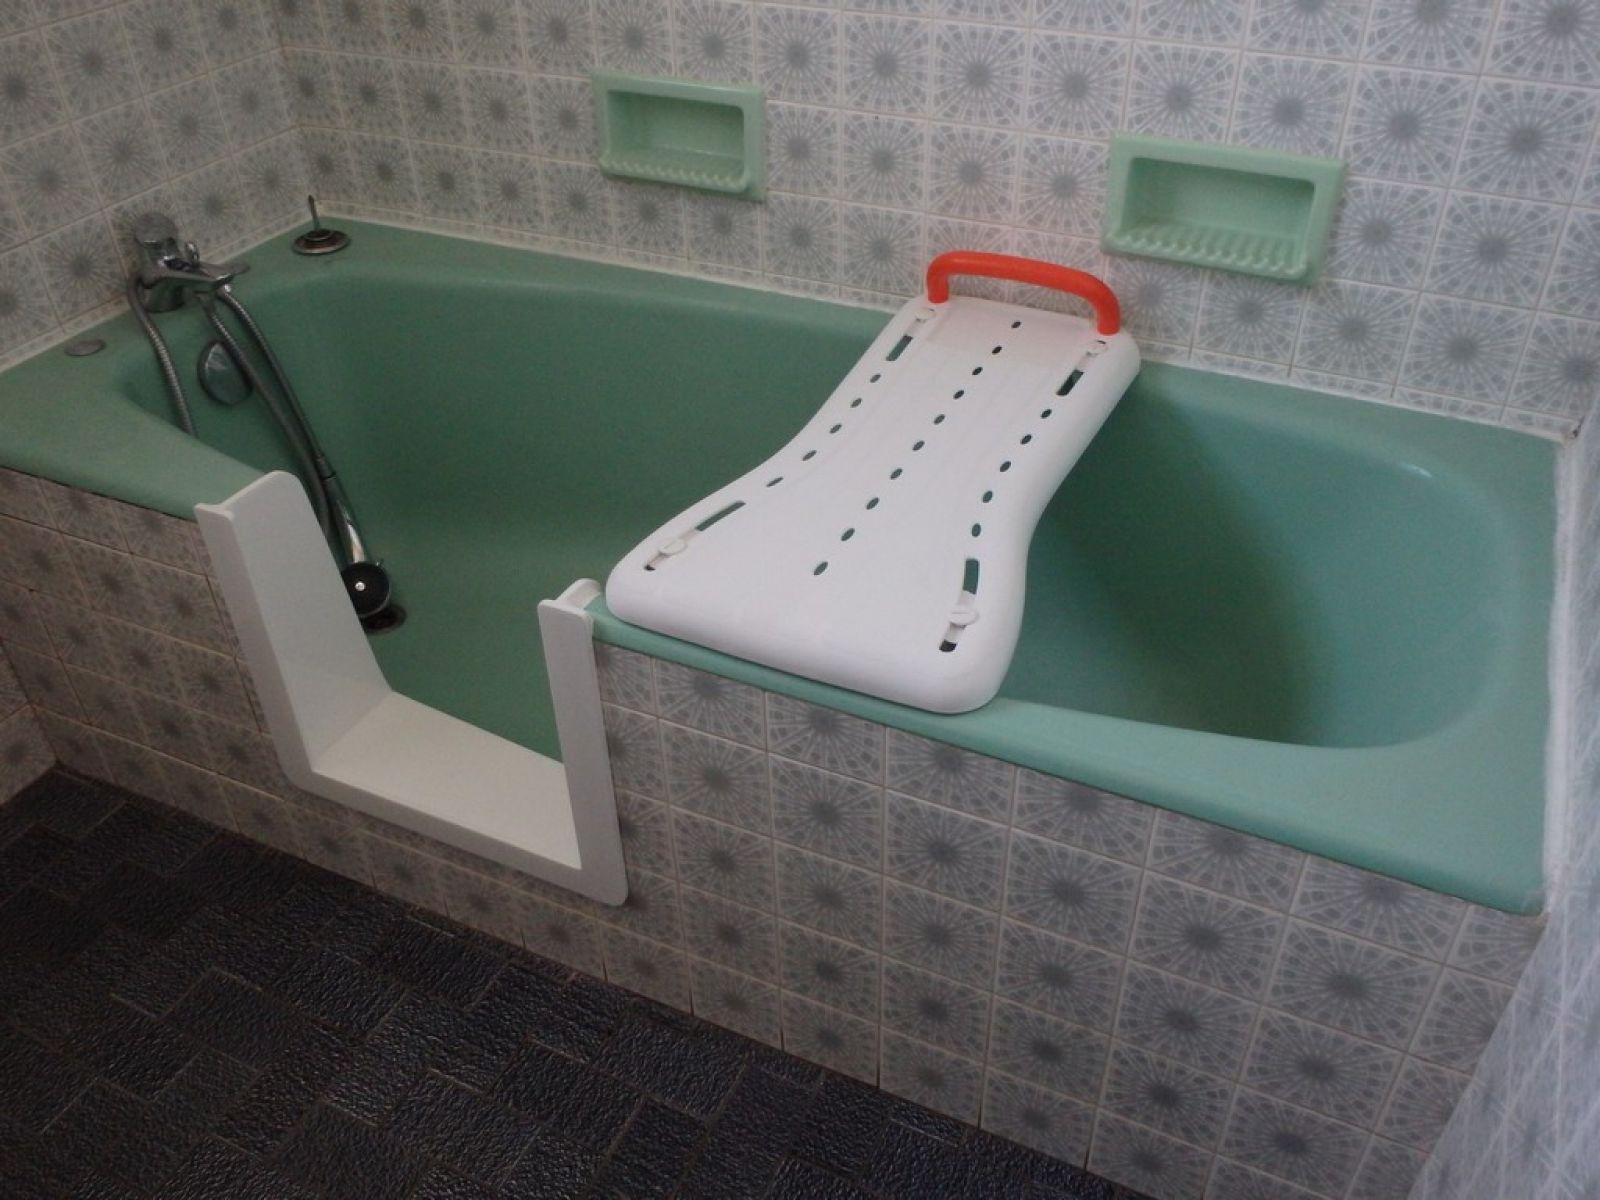 AccÈs baignoire personne ÂgÉe   bordeaux   sobain